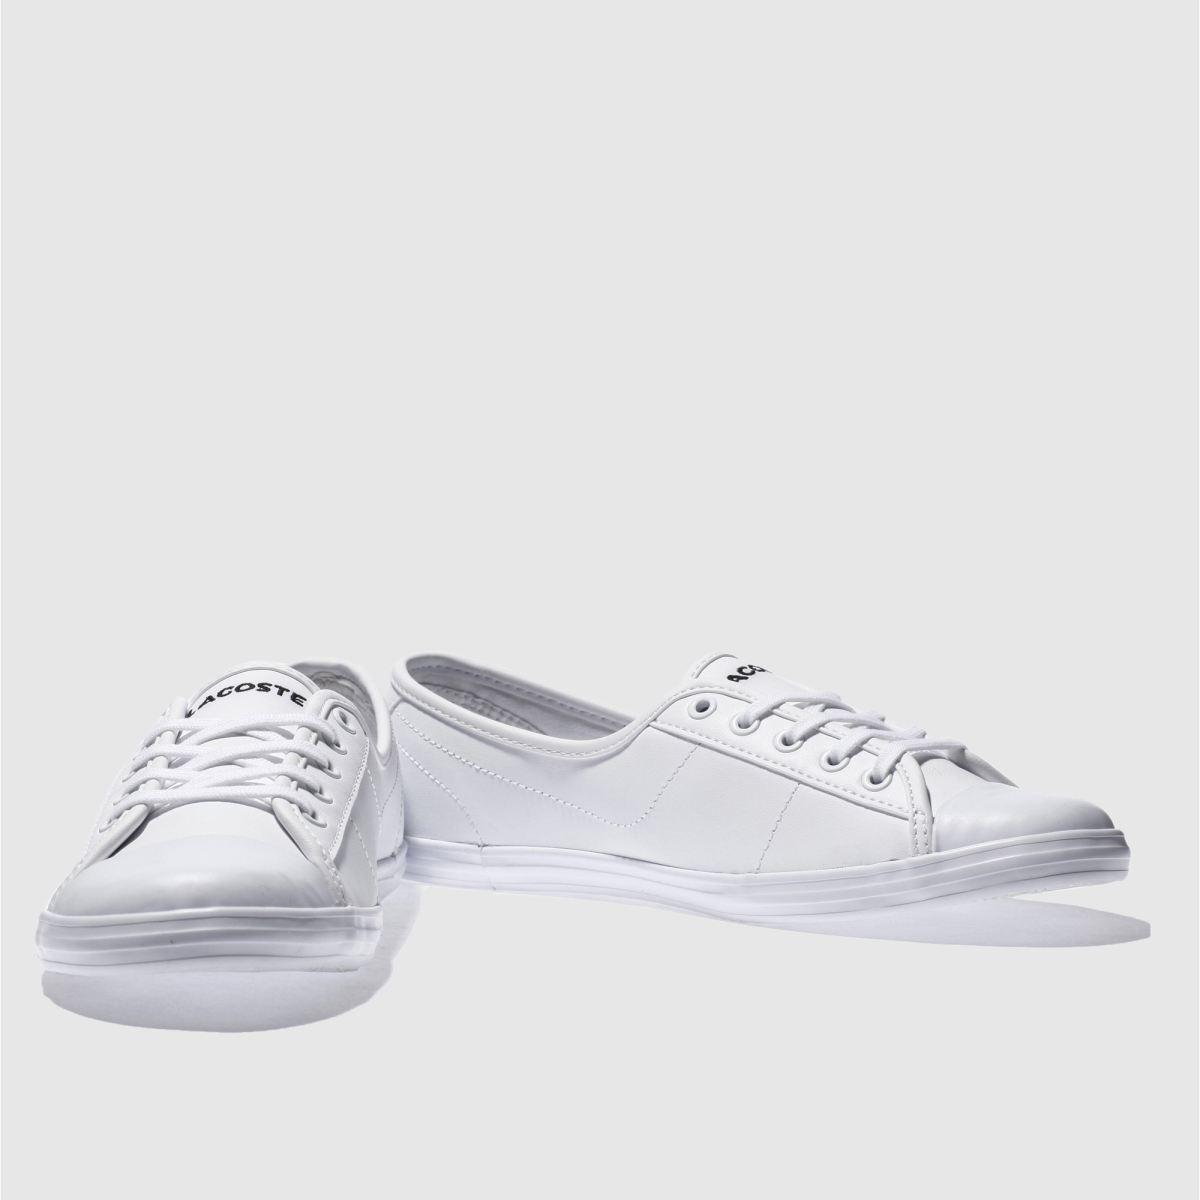 Damen Weiß lacoste Ziane Sneaker | schuh Gute Qualität beliebte Schuhe